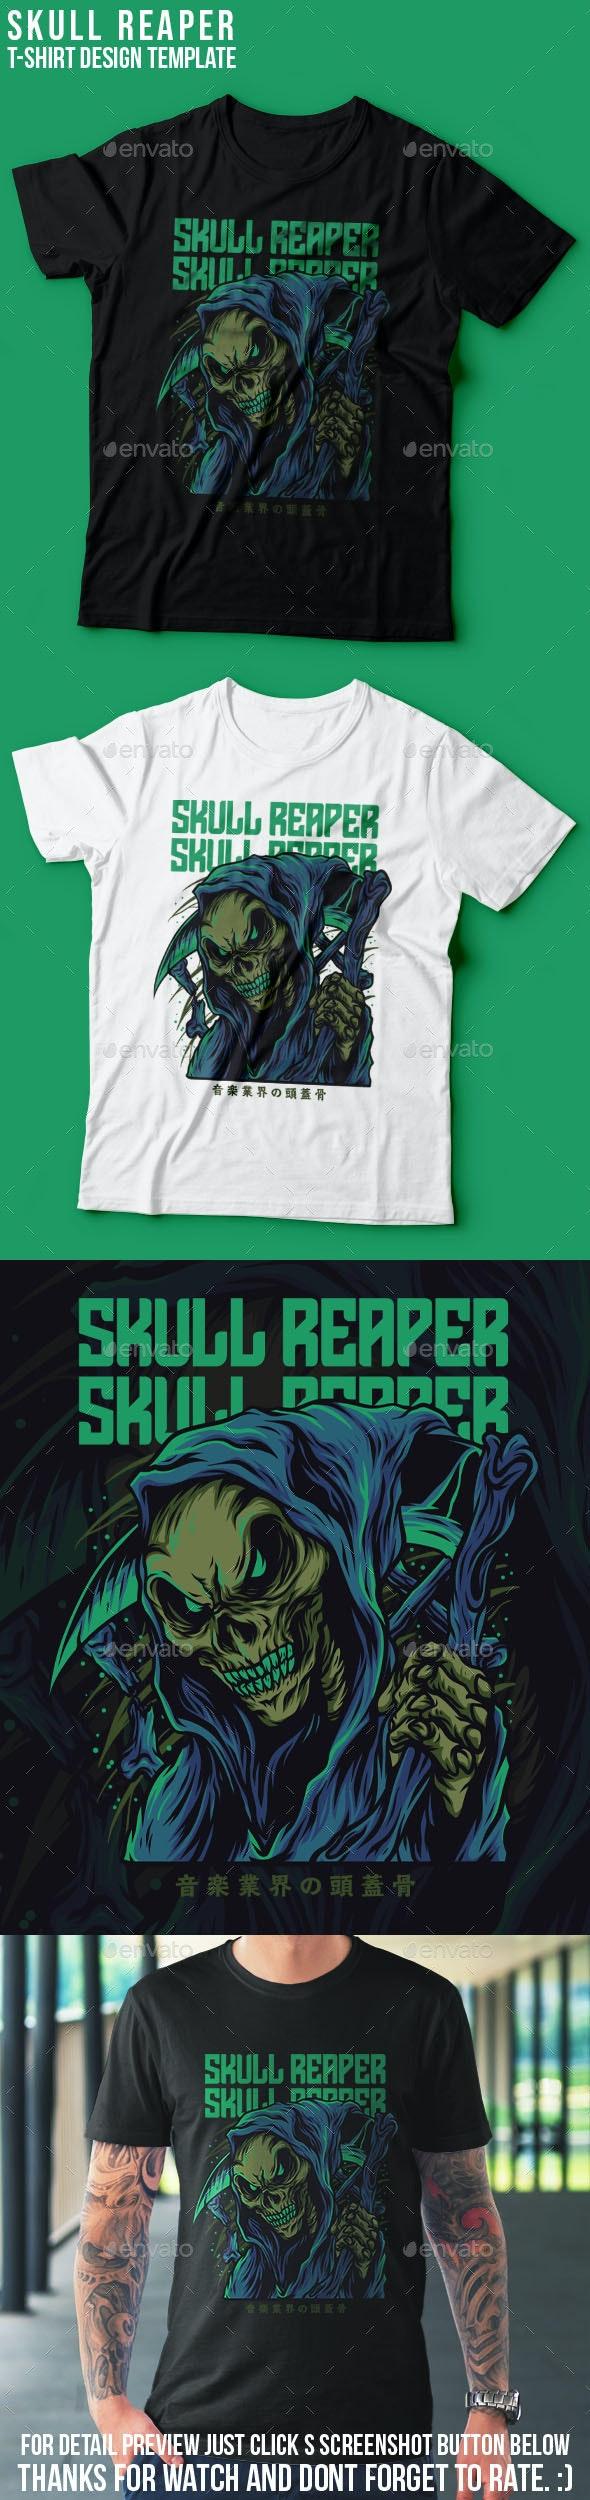 Skull Reaper T-Shirt Design - Clean Designs